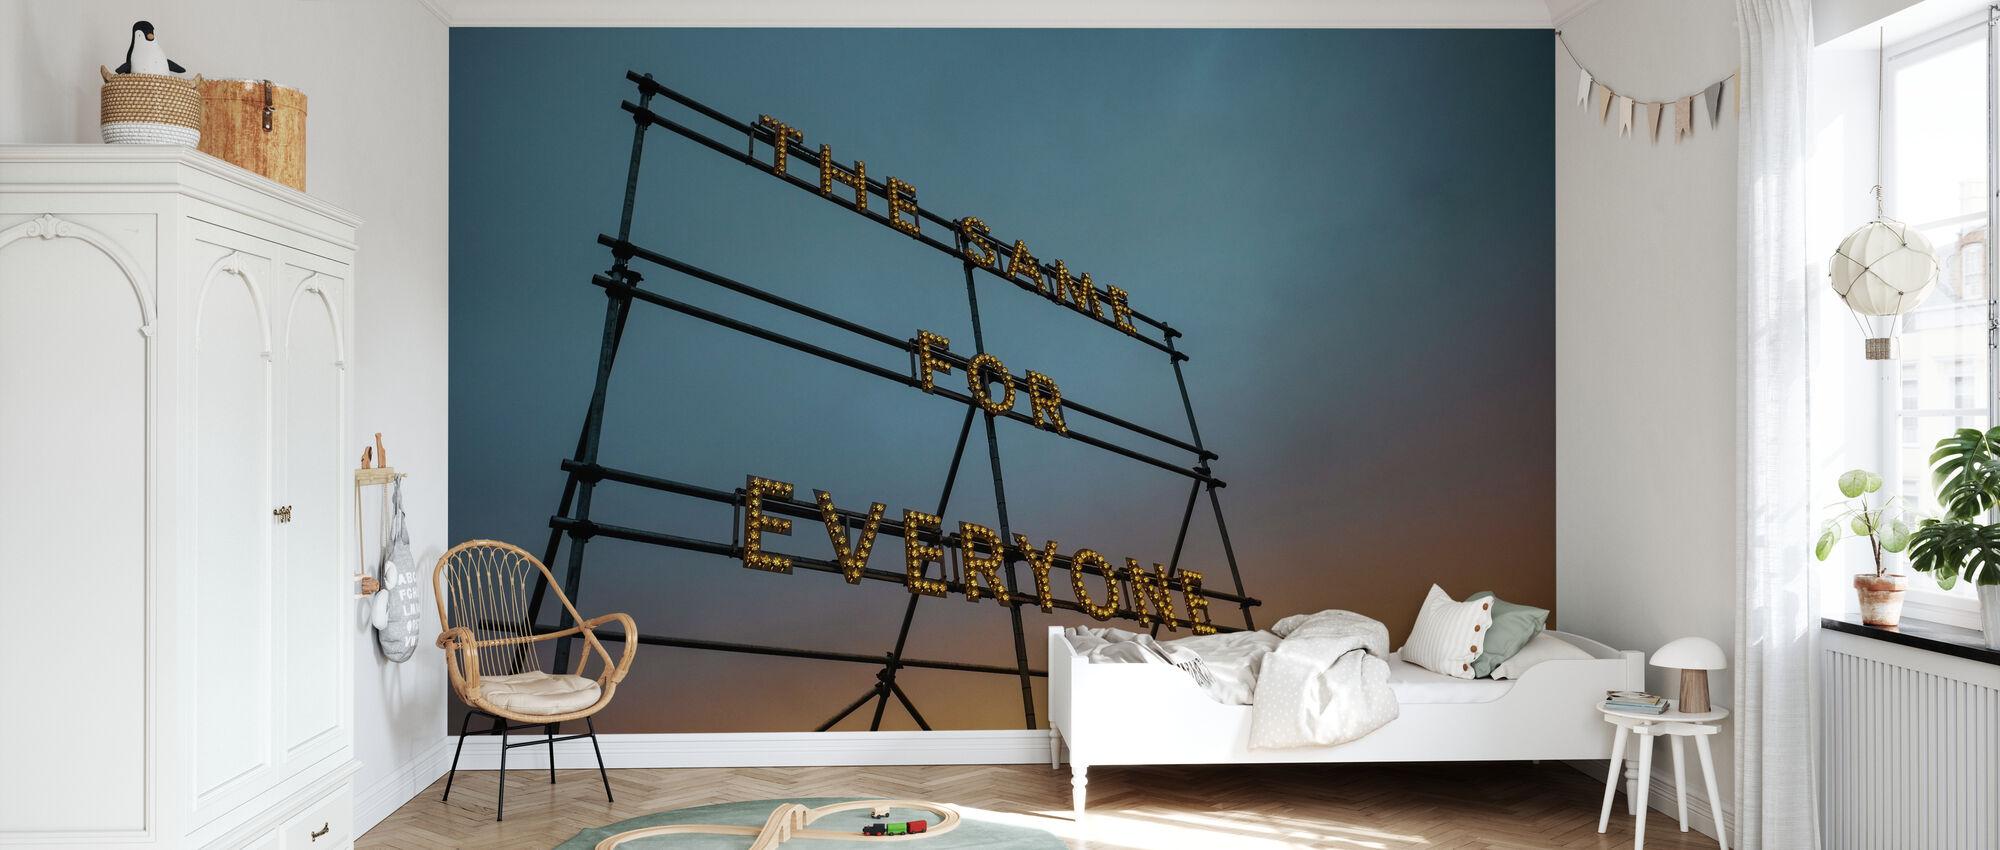 Typografie Art Lights - Behang - Kinderkamer